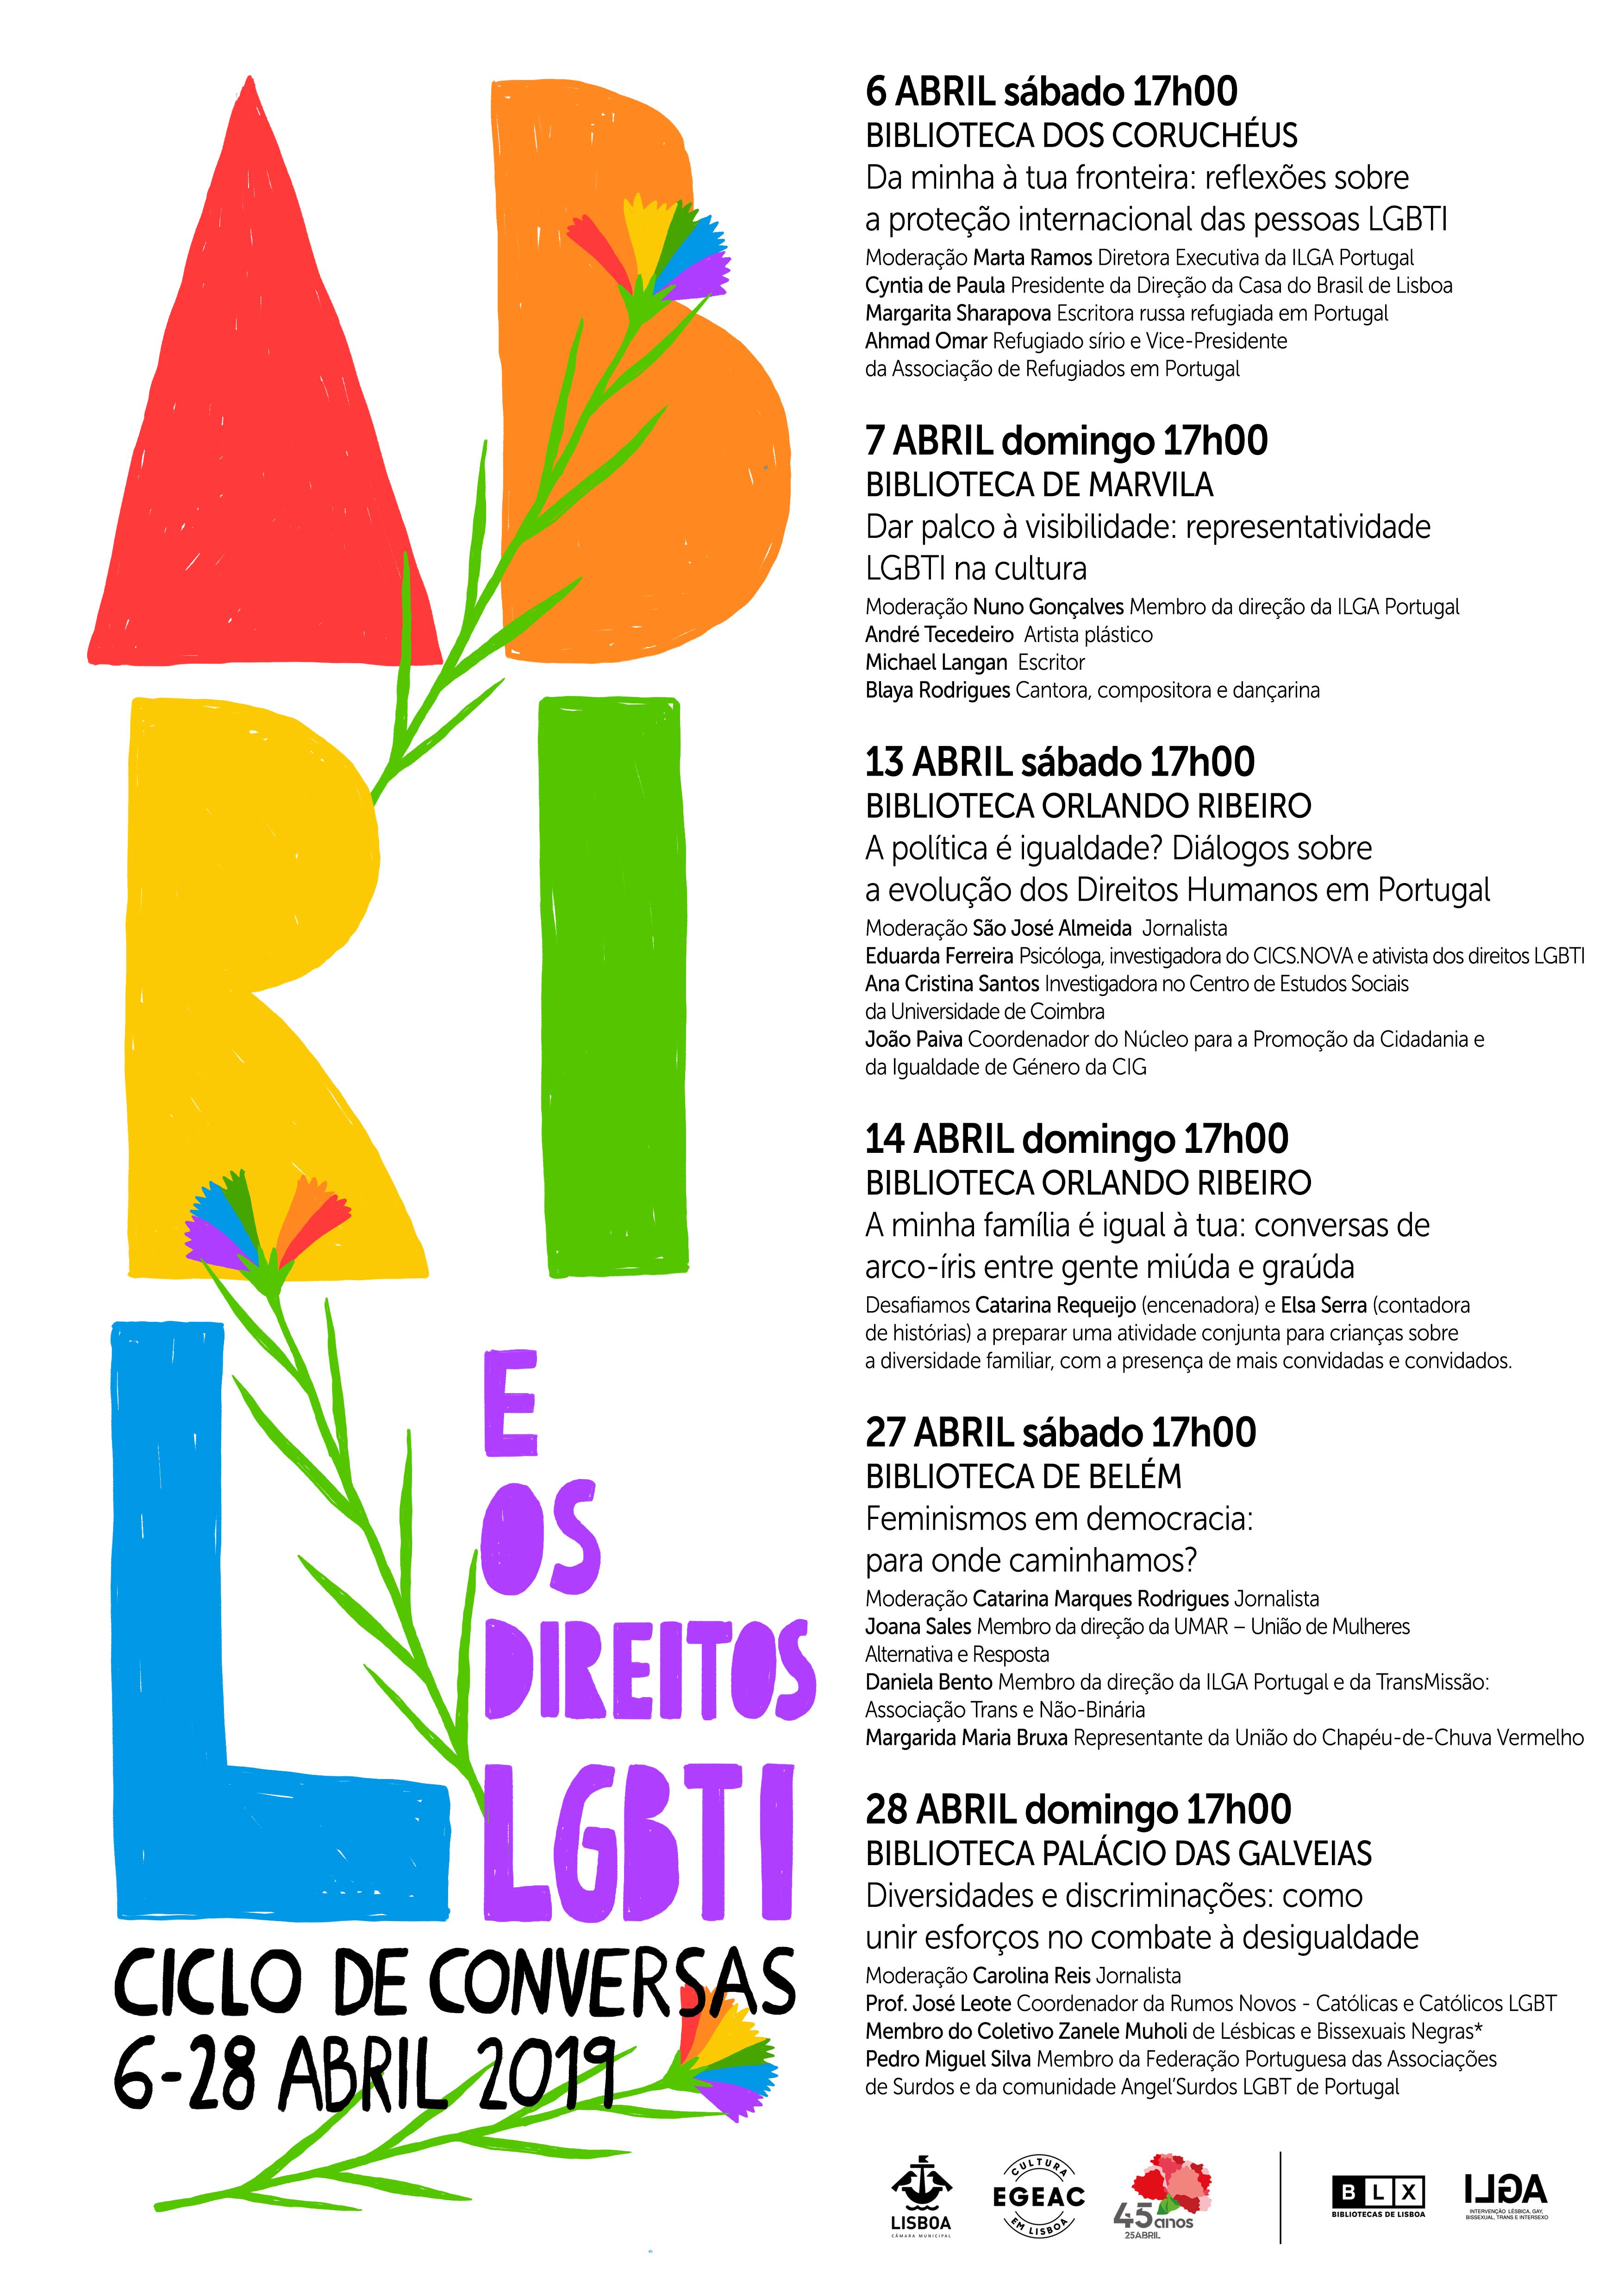 adad5eb54fed No ano em que se celebra os 45 anos do 25 de Abril, a Associação ILGA  Portugal – Intervenção Lésbica, Gay, Bissexual, Trans e Intersexo – propõe  em conjunto ...